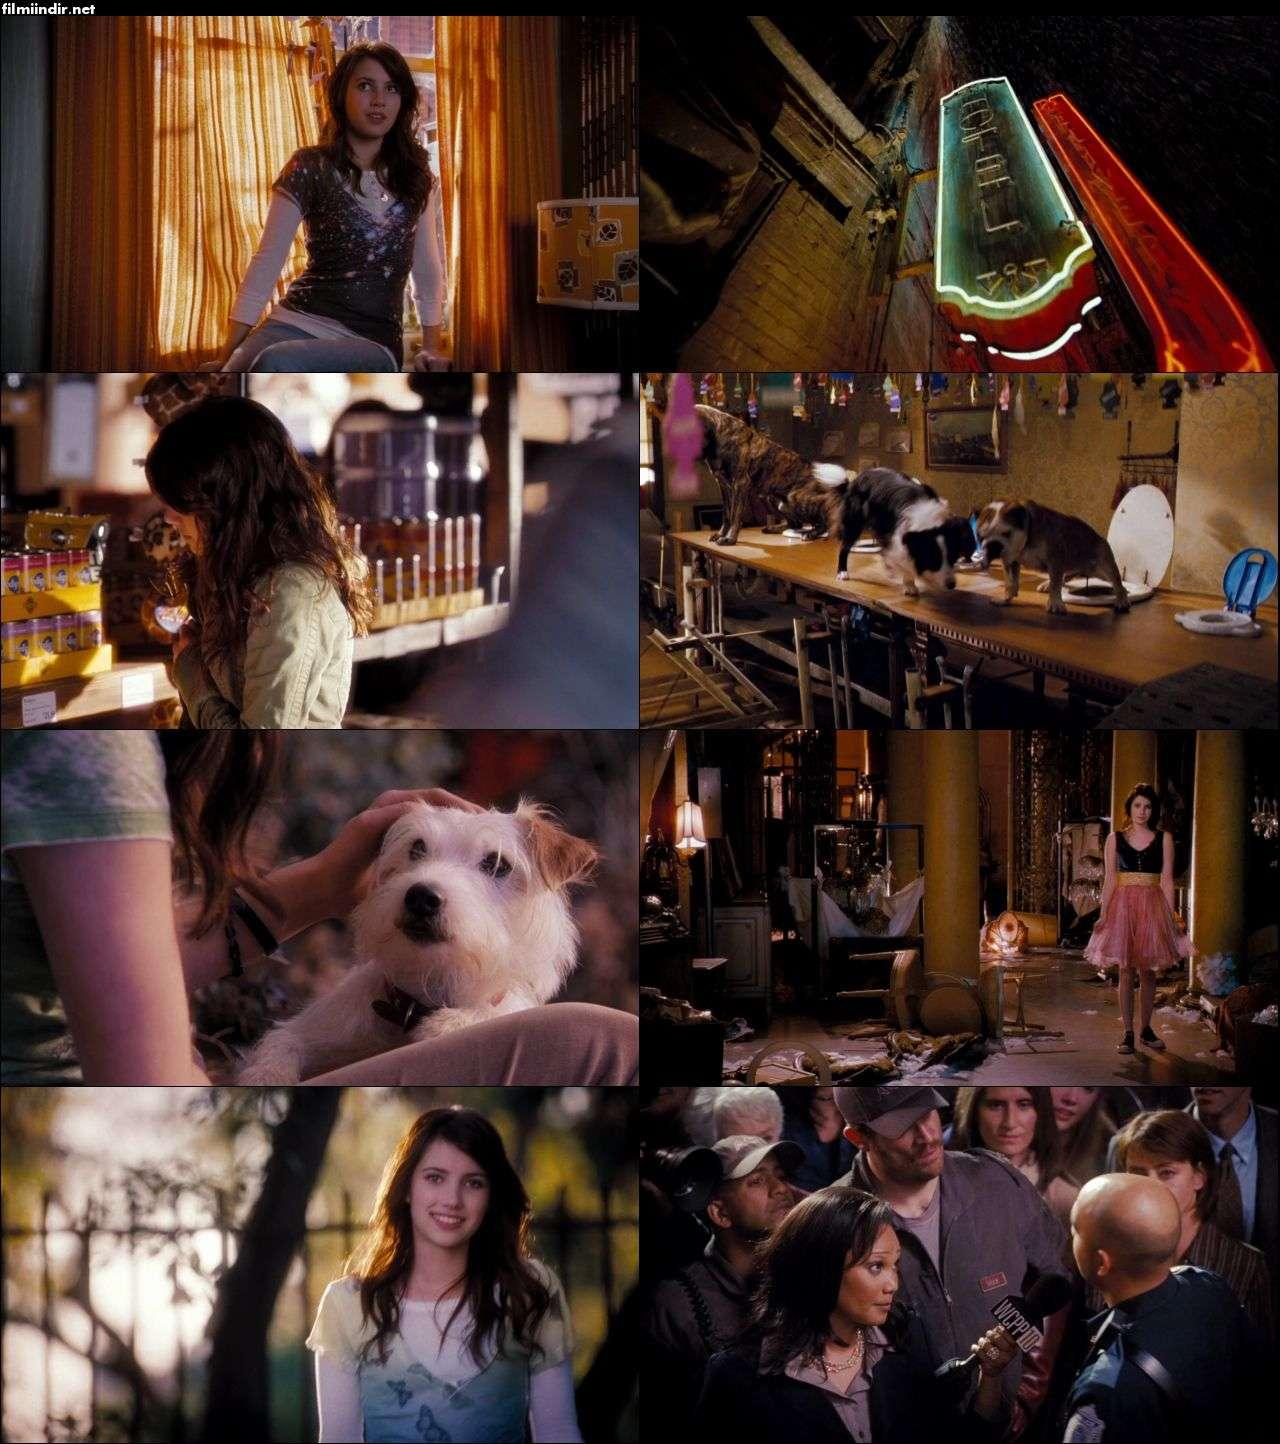 Köpek Oteli - Hotel for Dogs (2009) türkçe dublaj film indir